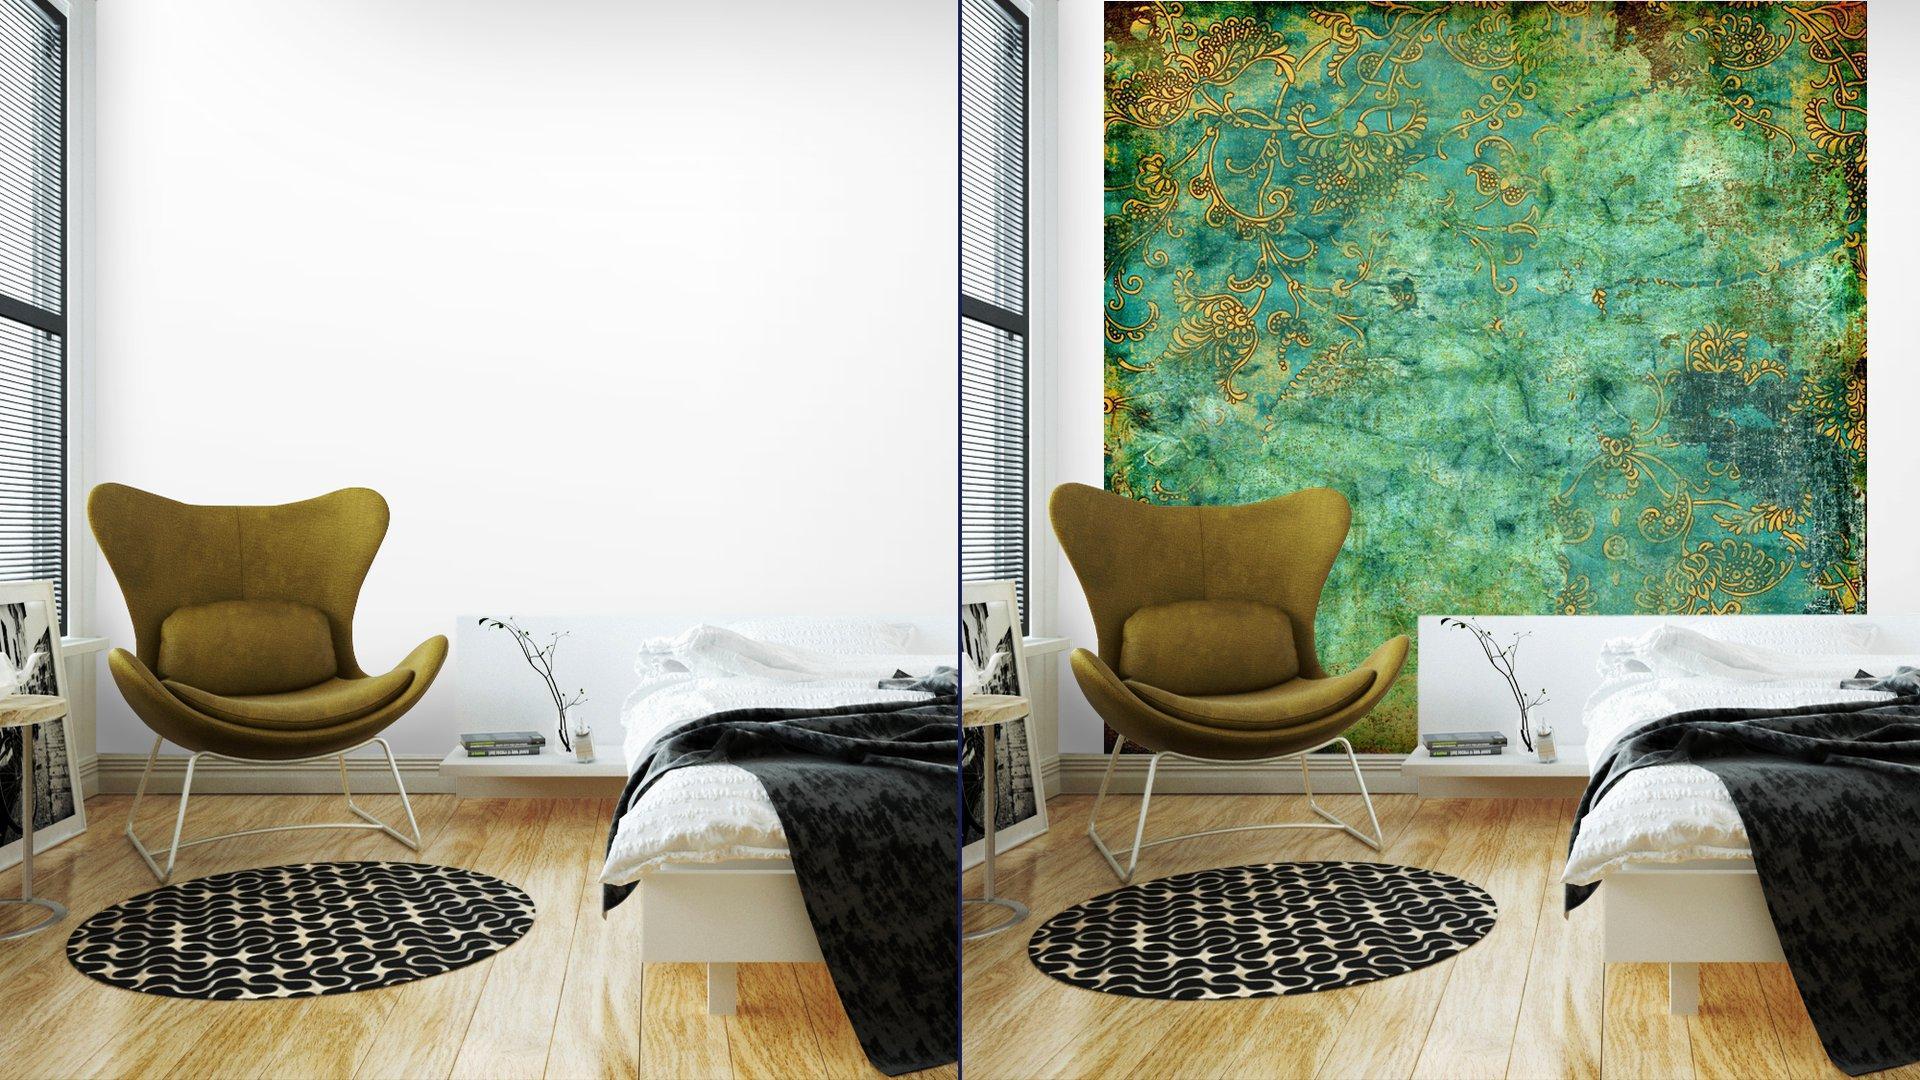 VERDE TEXTURA VENDIMIA OXIDADA6 - Fotomural Tapiz Verde con Textura Oxidada